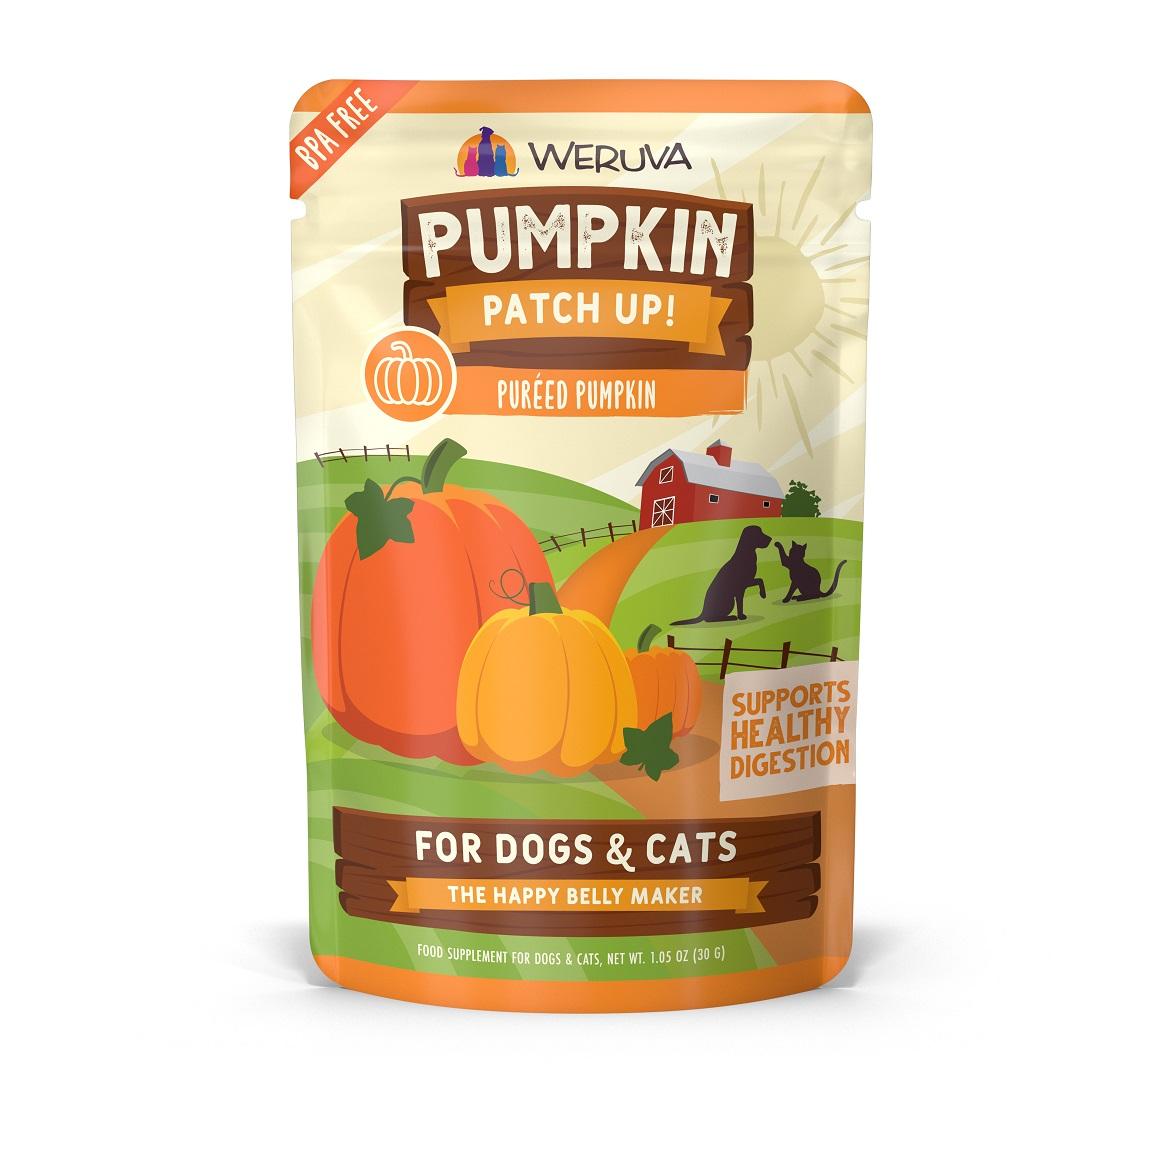 Weruva Pumpkin Patch Up! Dog & Cat Food Supplement, 1.05-oz